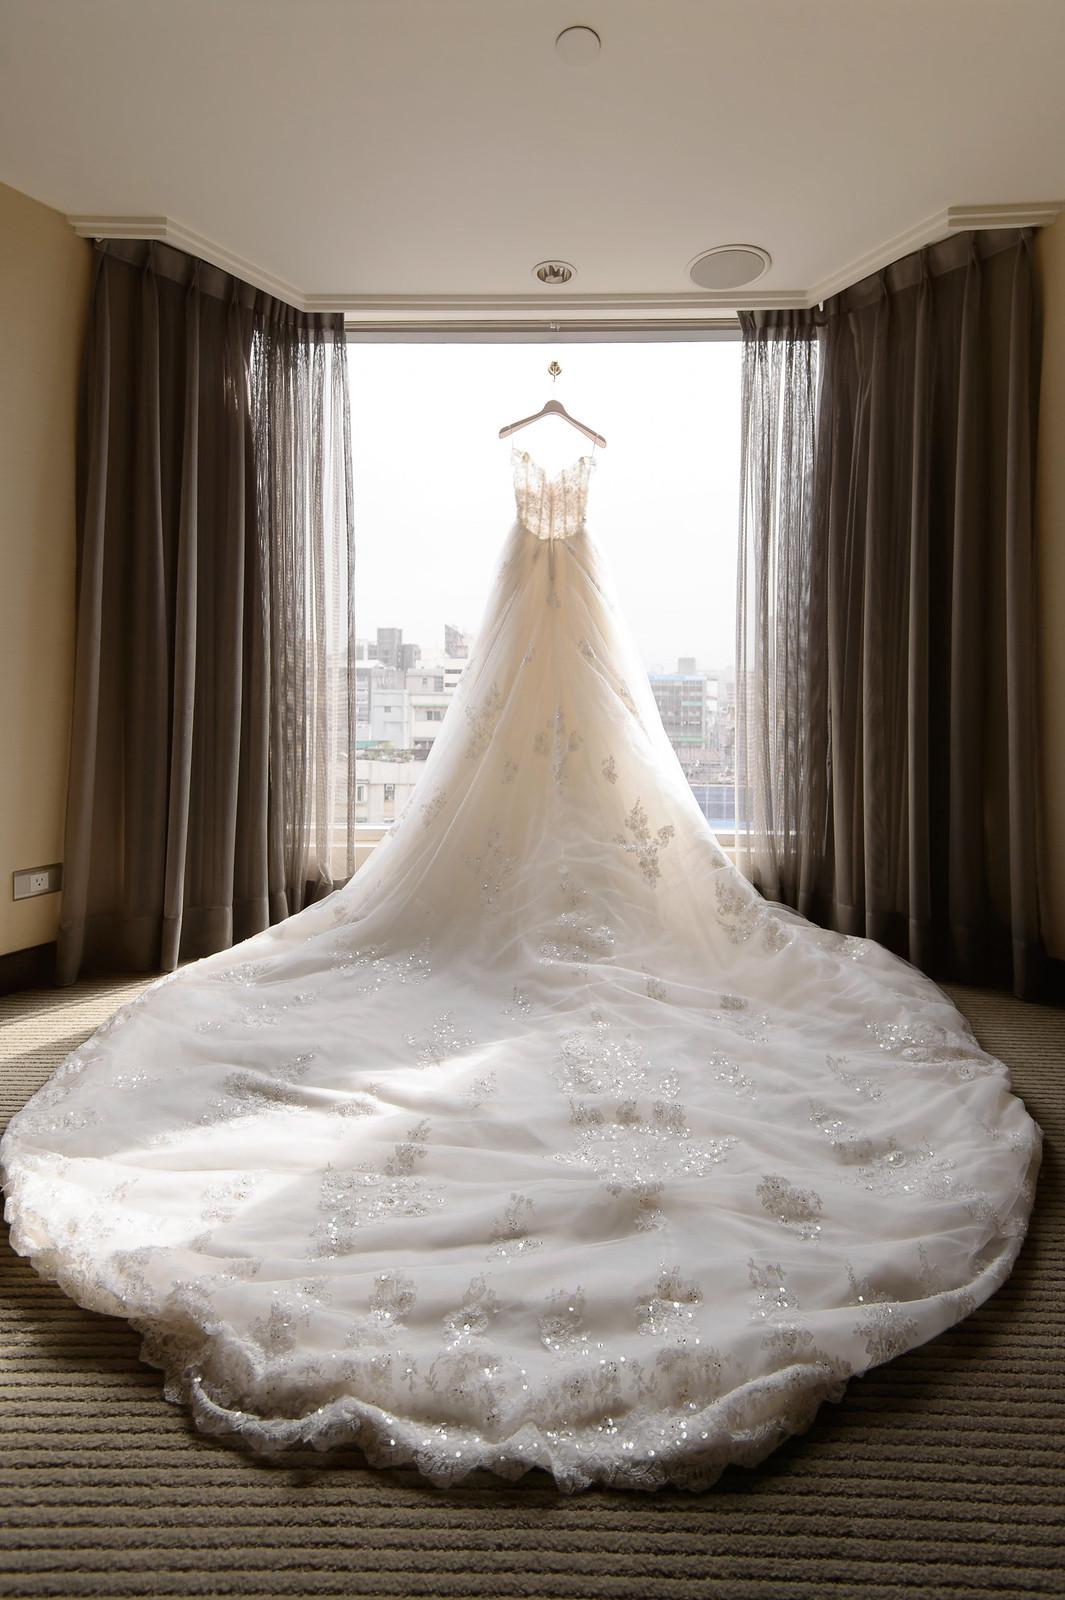 台北婚攝, 婚禮攝影, 婚攝, 婚攝守恆, 婚攝推薦, 晶華酒店, 晶華酒店婚宴, 晶華酒店婚攝-3